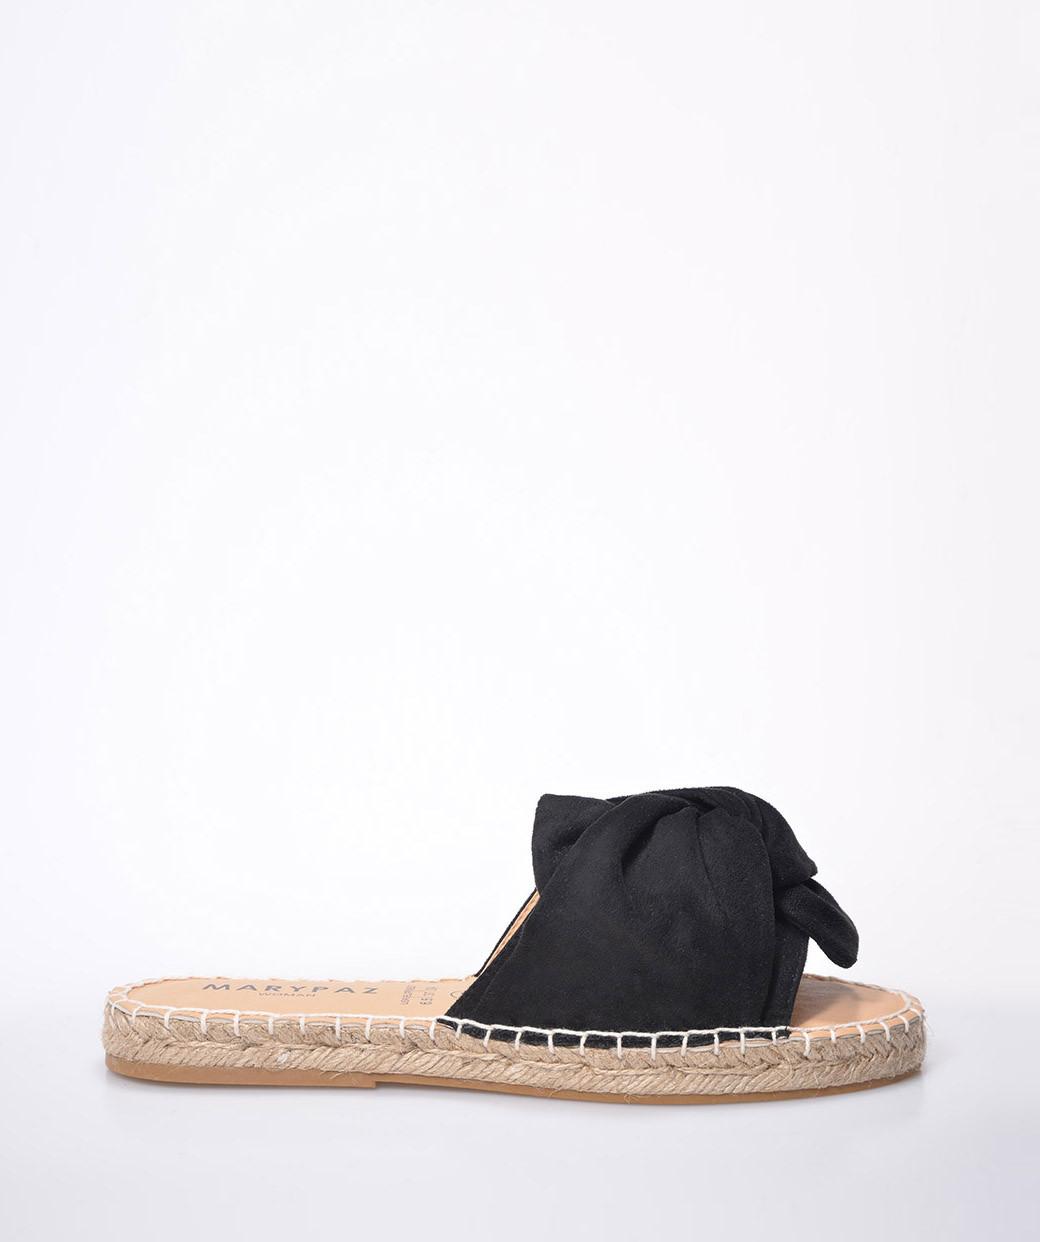 2f8e41ef3 Zapatillas de esparto de rebajas que están de moda este verano - InStyle